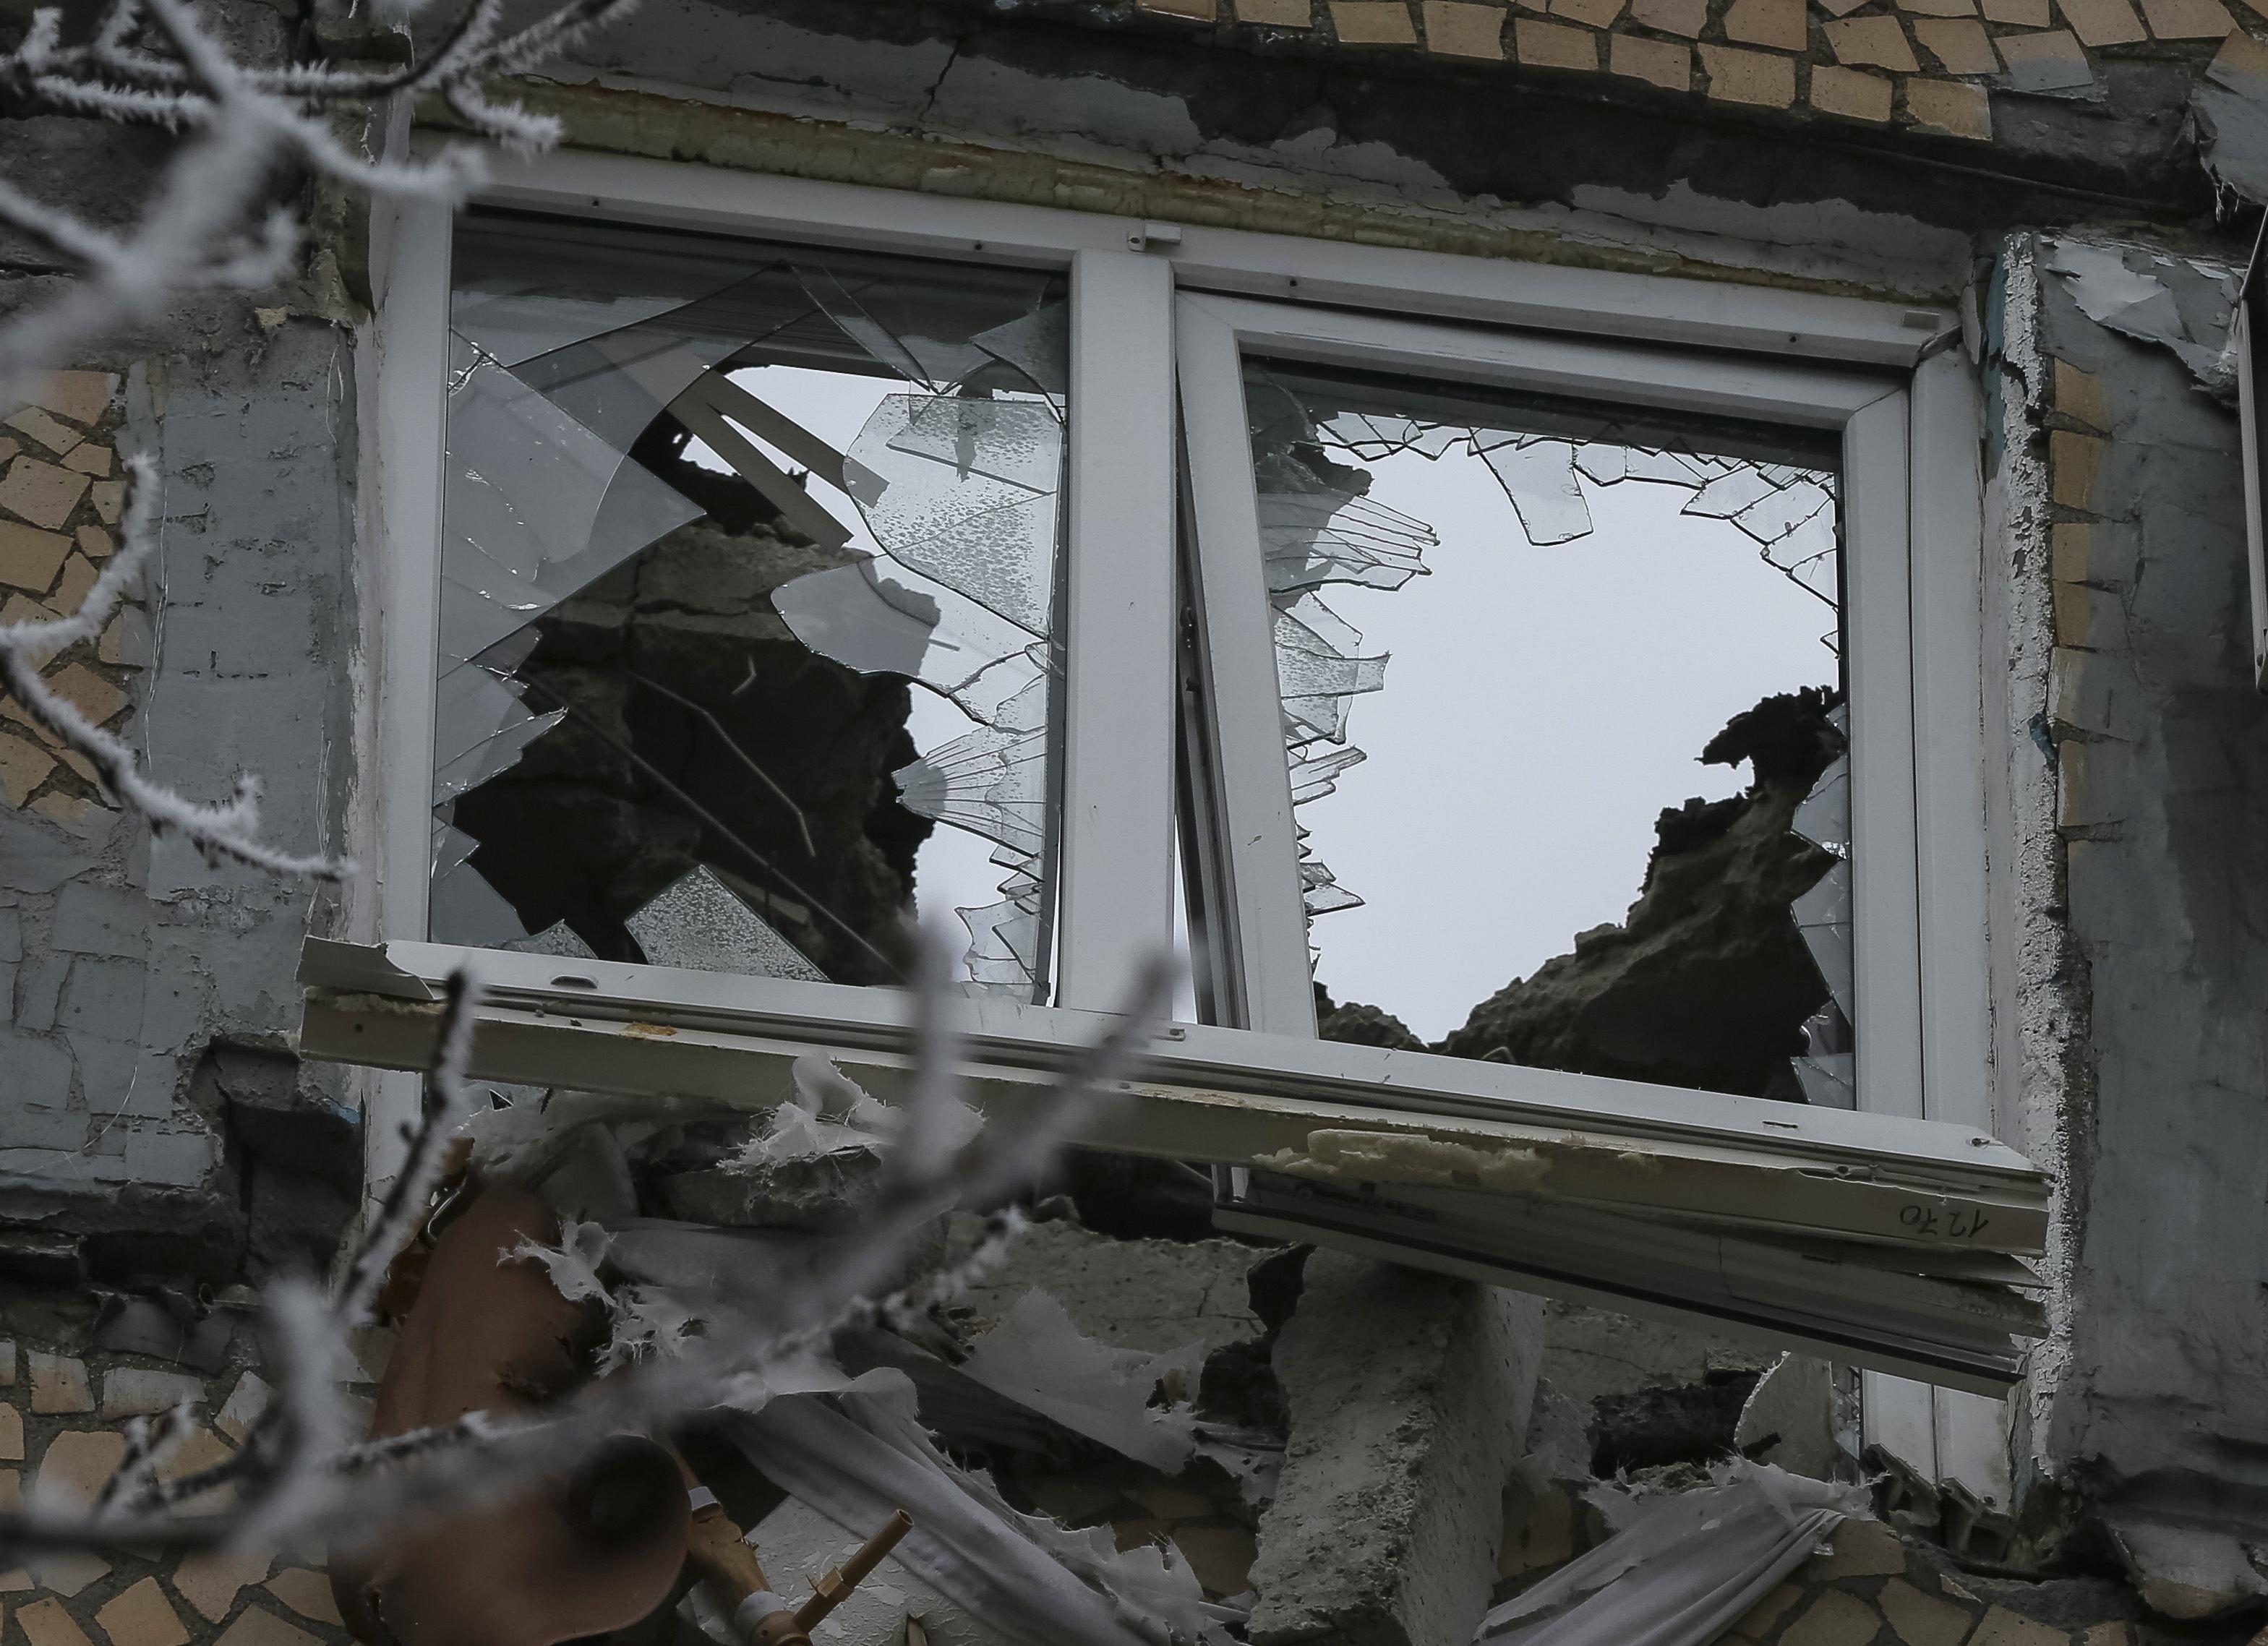 С 18 до 24 часов боевики 13 раз обстреливали украинские позиции.